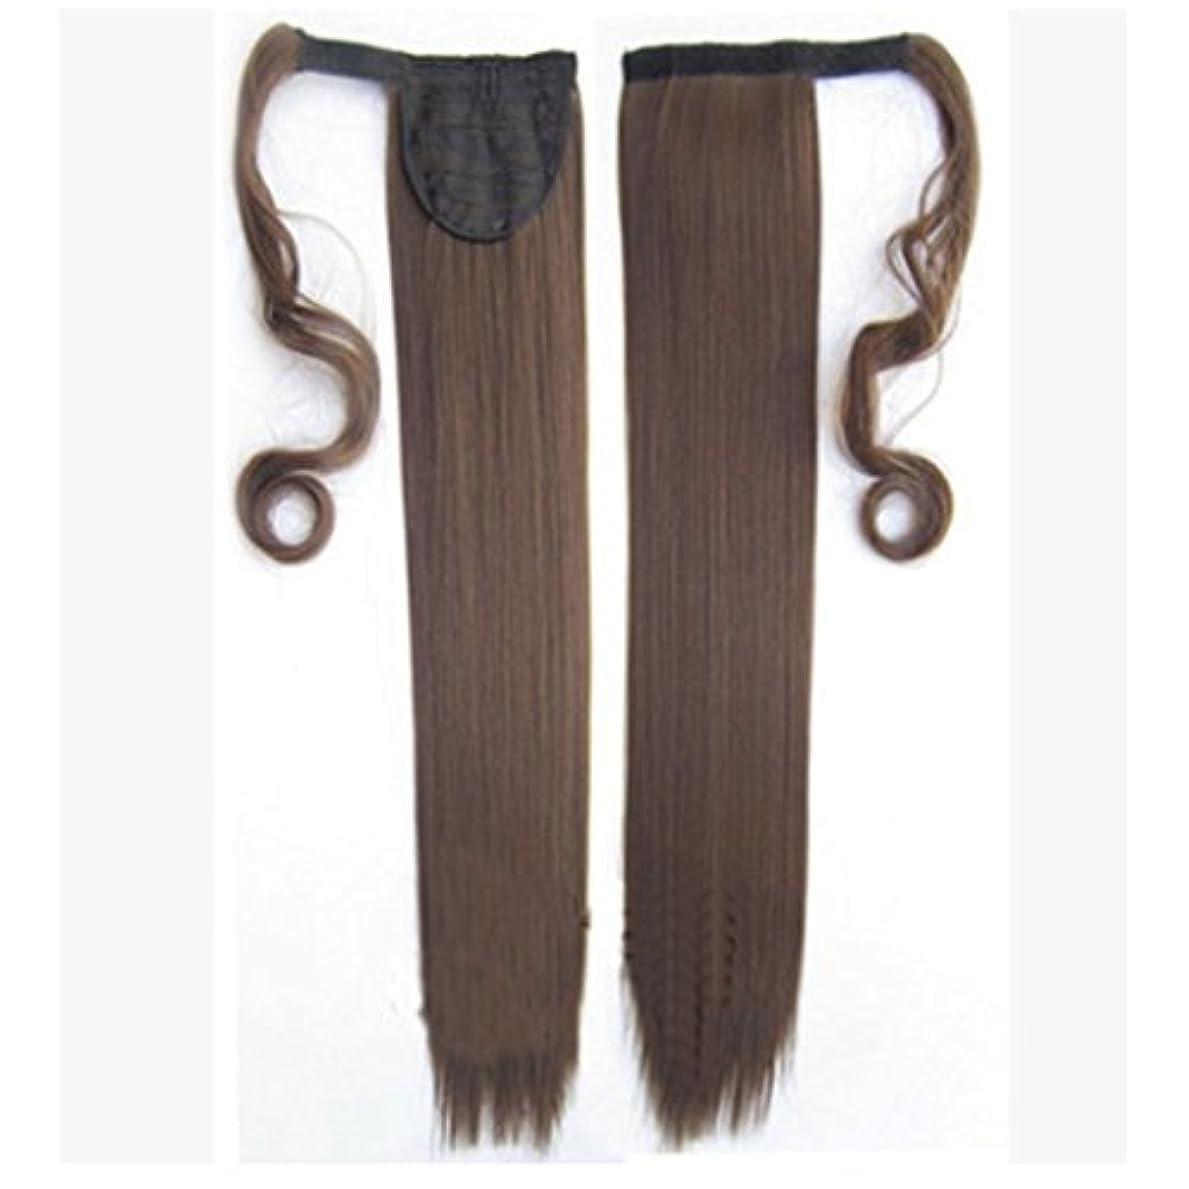 ハシーシャツ自動的にDoyvanntgo 人間の髪のポニーテールエクステンションラップ8 * 55センチメートルと100グラムロングストレート人間の髪シルキーソフト(ブラック、ダークブラウン、ライトブラウン、ゴールド、) (Color : ブラウン)